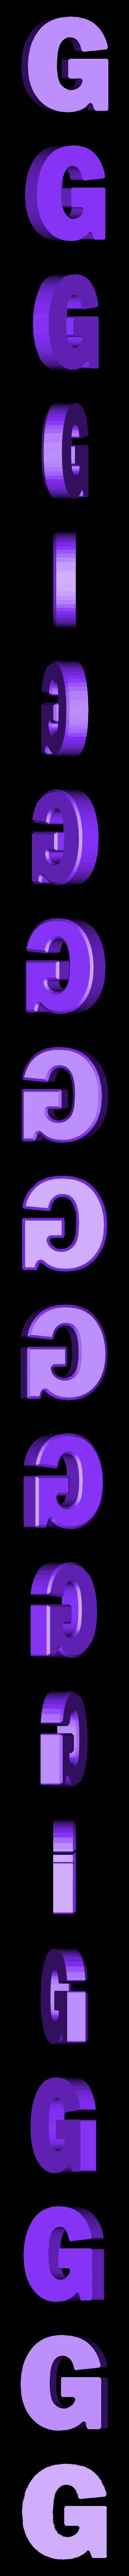 G.stl Download free STL file Letter Bowls • 3D print object, PrintedSolid